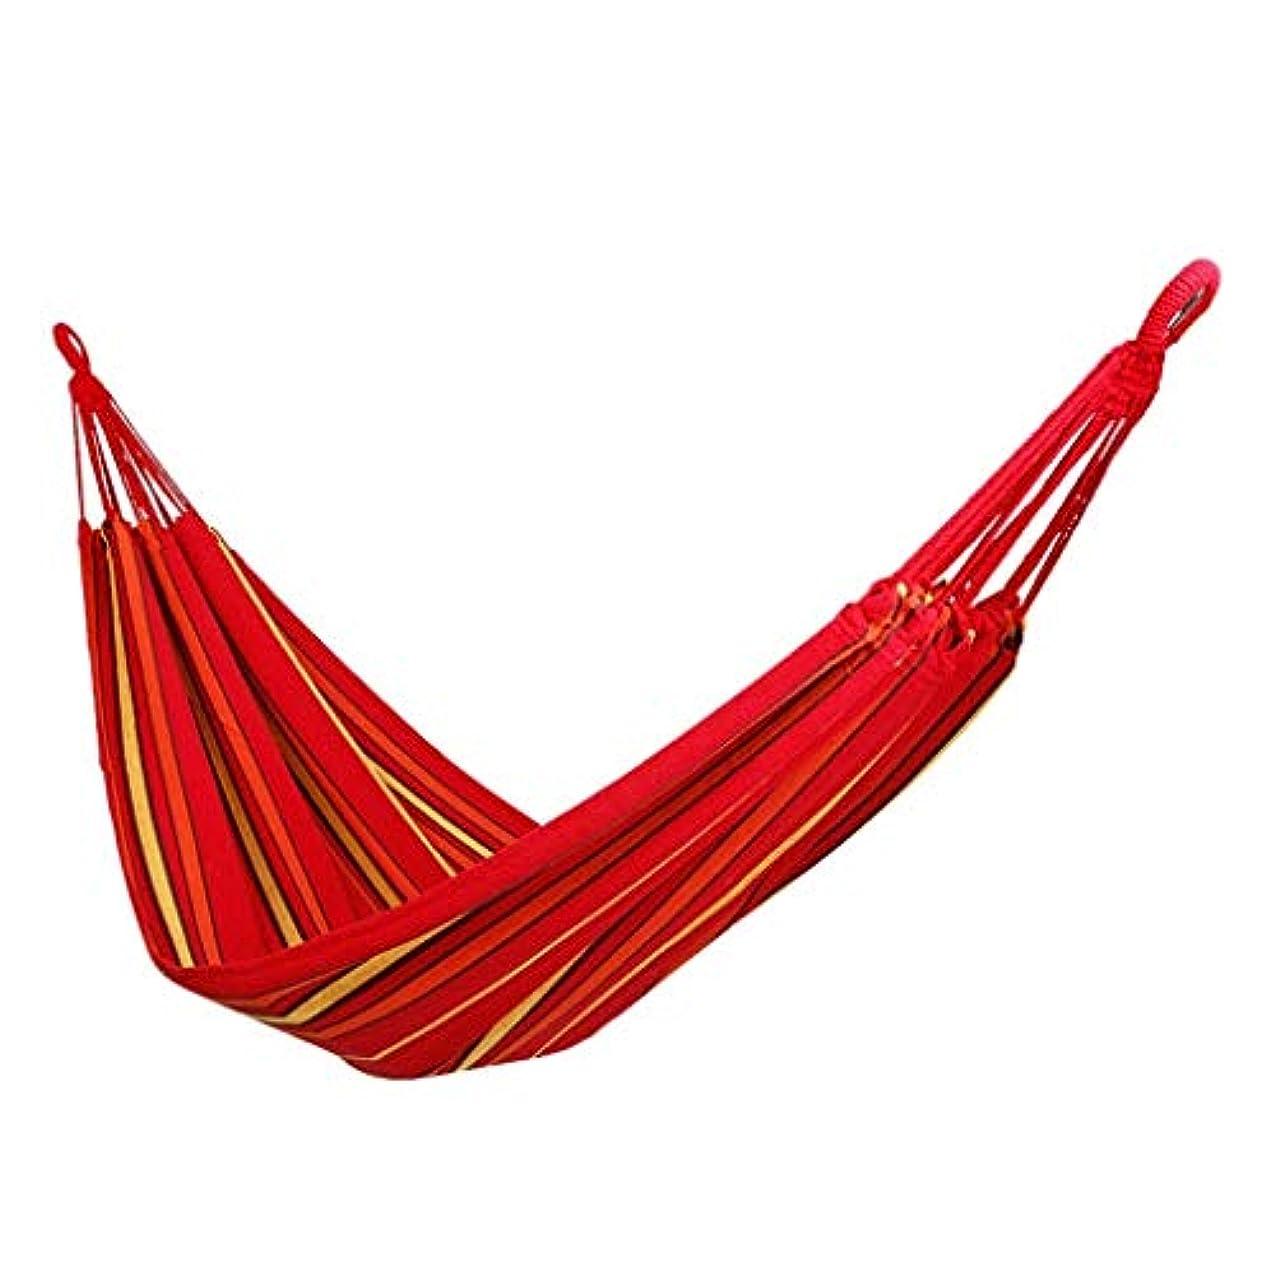 アブセイクリック過言MSchunou ハンモック屋外キャンバスシングル厚いキャンプ屋内ホーム寝ているキャンプスイングアンチロールオーバー (色 : 赤)